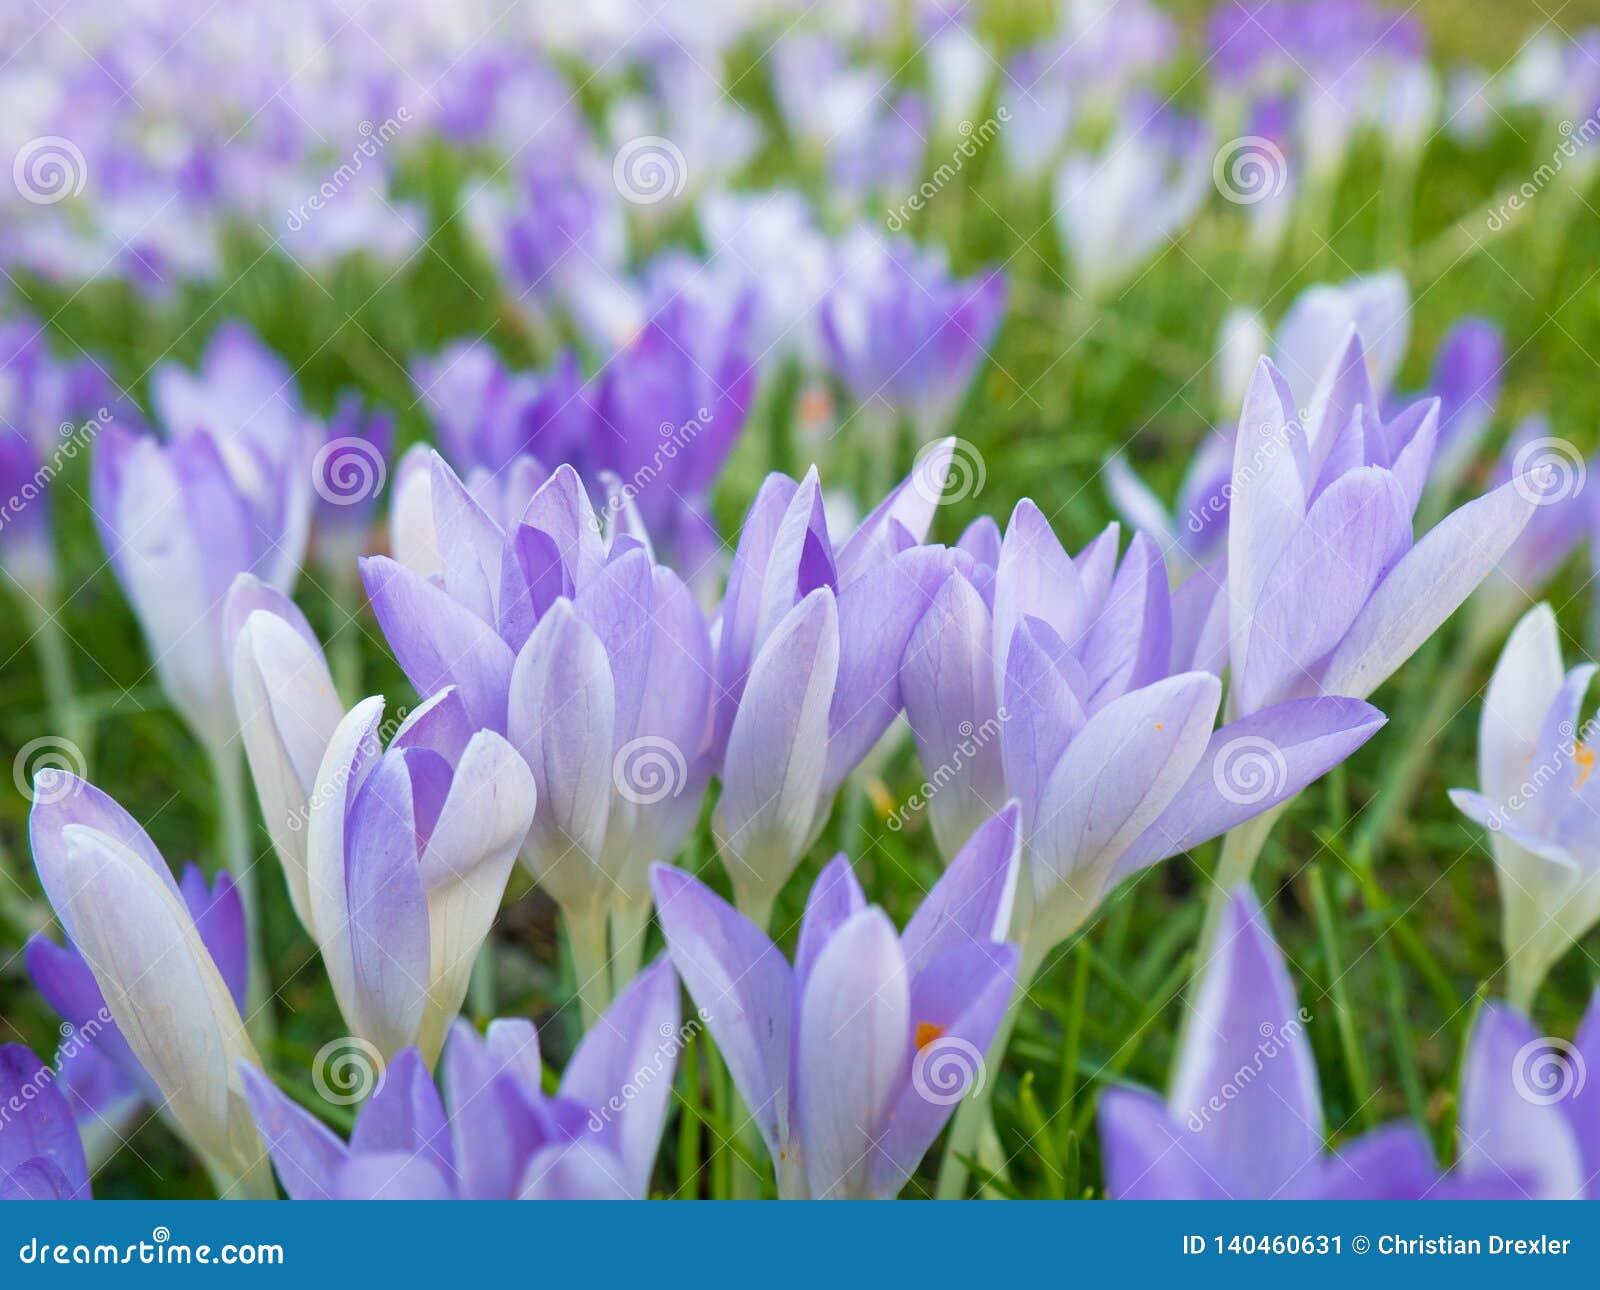 Violet Flowers chez Flora à Cologne, Allemagne, sont les premières usines de floraison au printemps